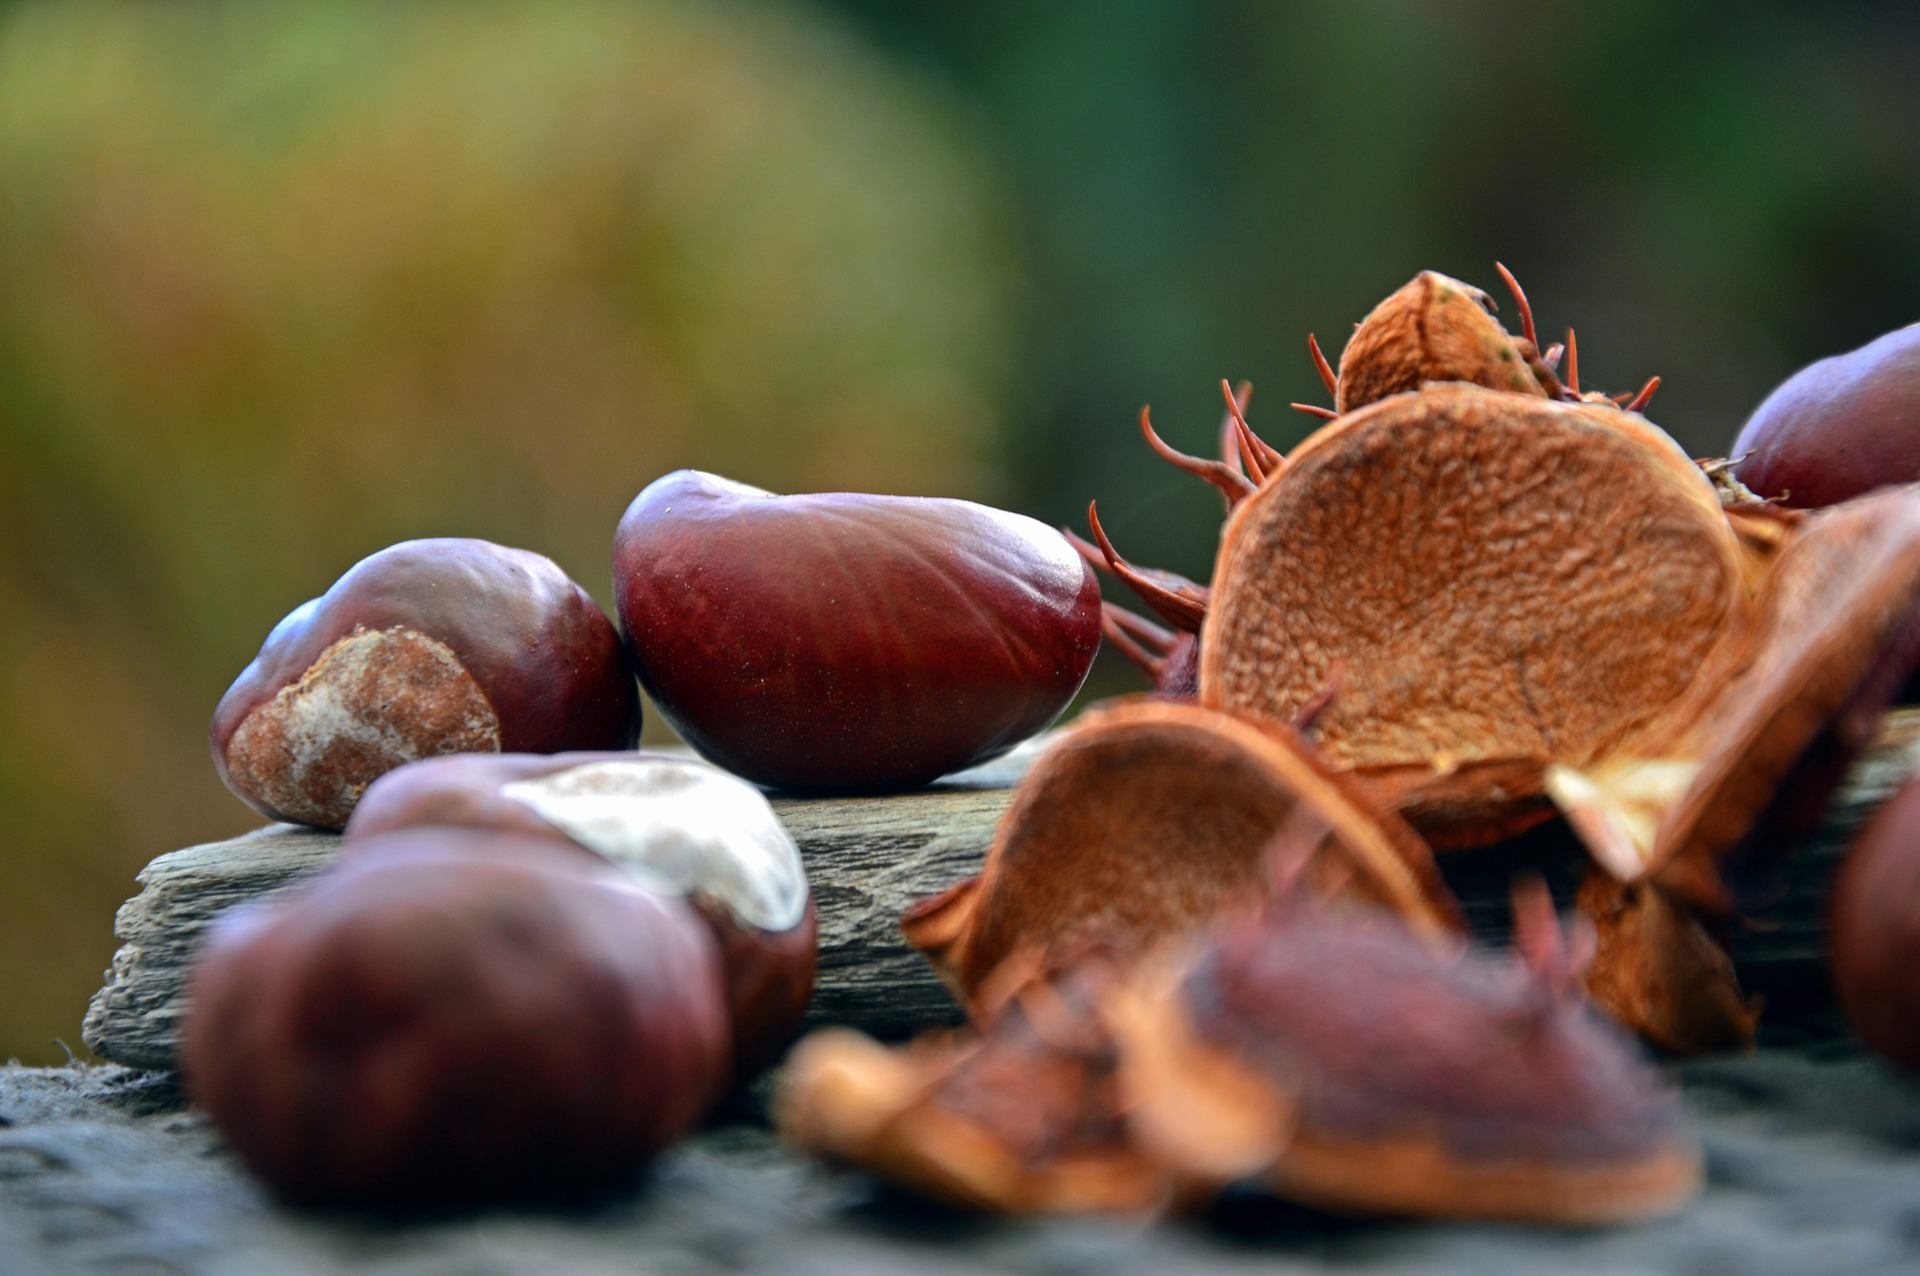 chestnut-3815248_1920